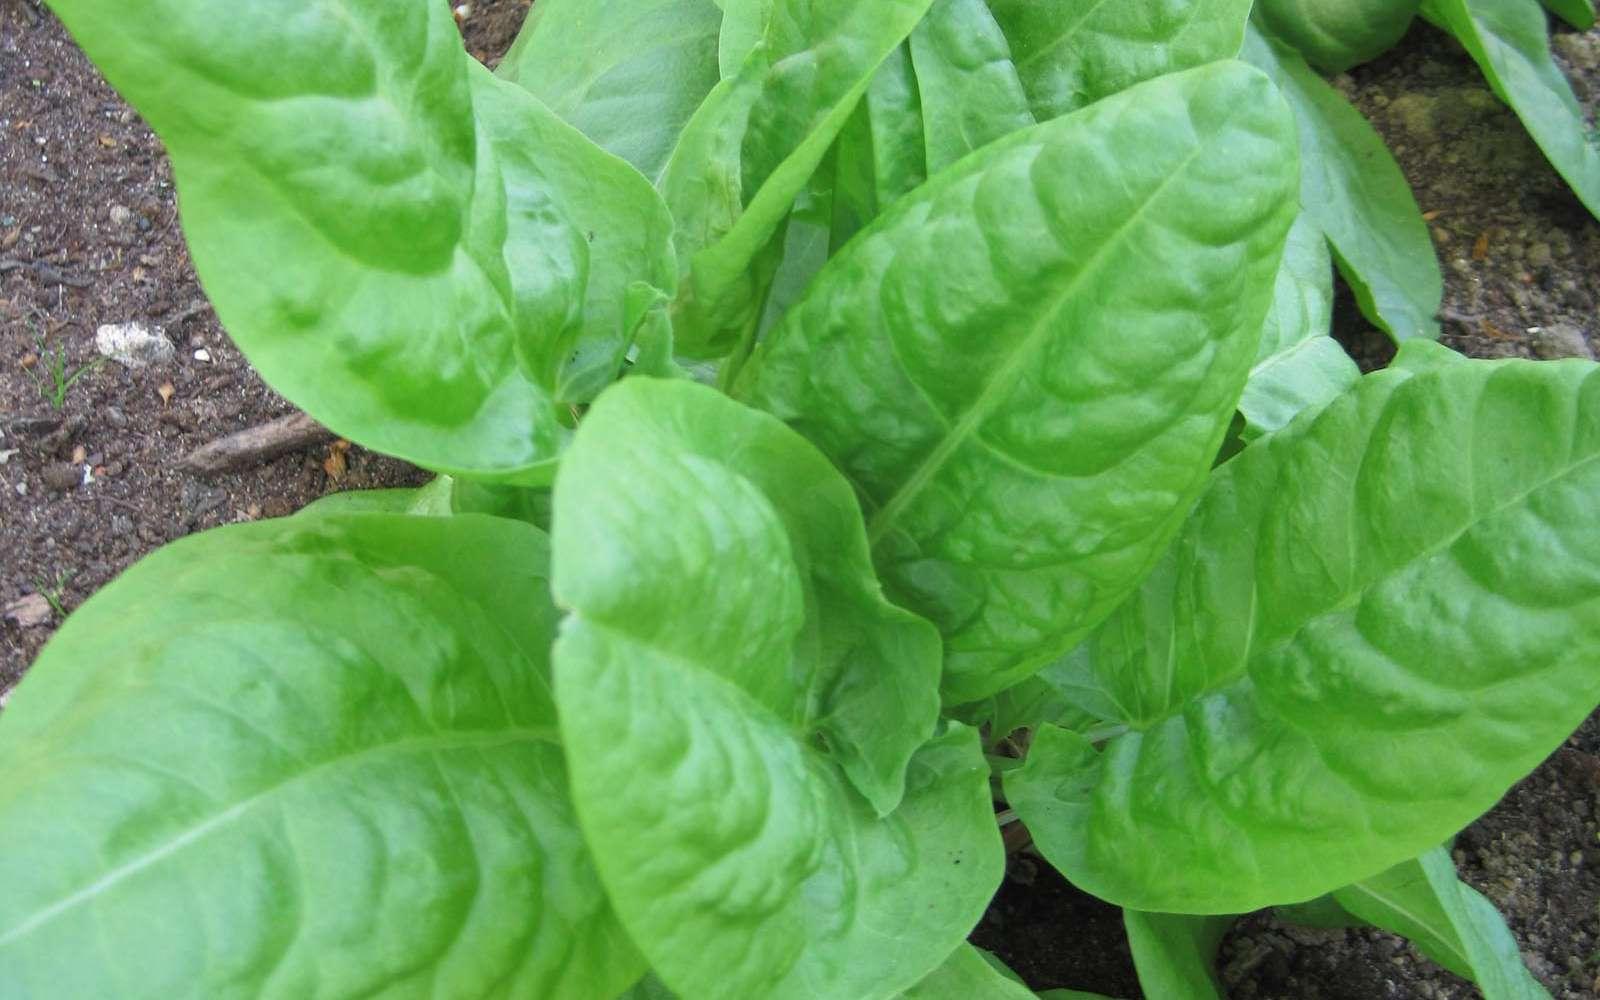 L'oseille, Rumex en latin, se récolte de mai à octobre. © S. Chaillot